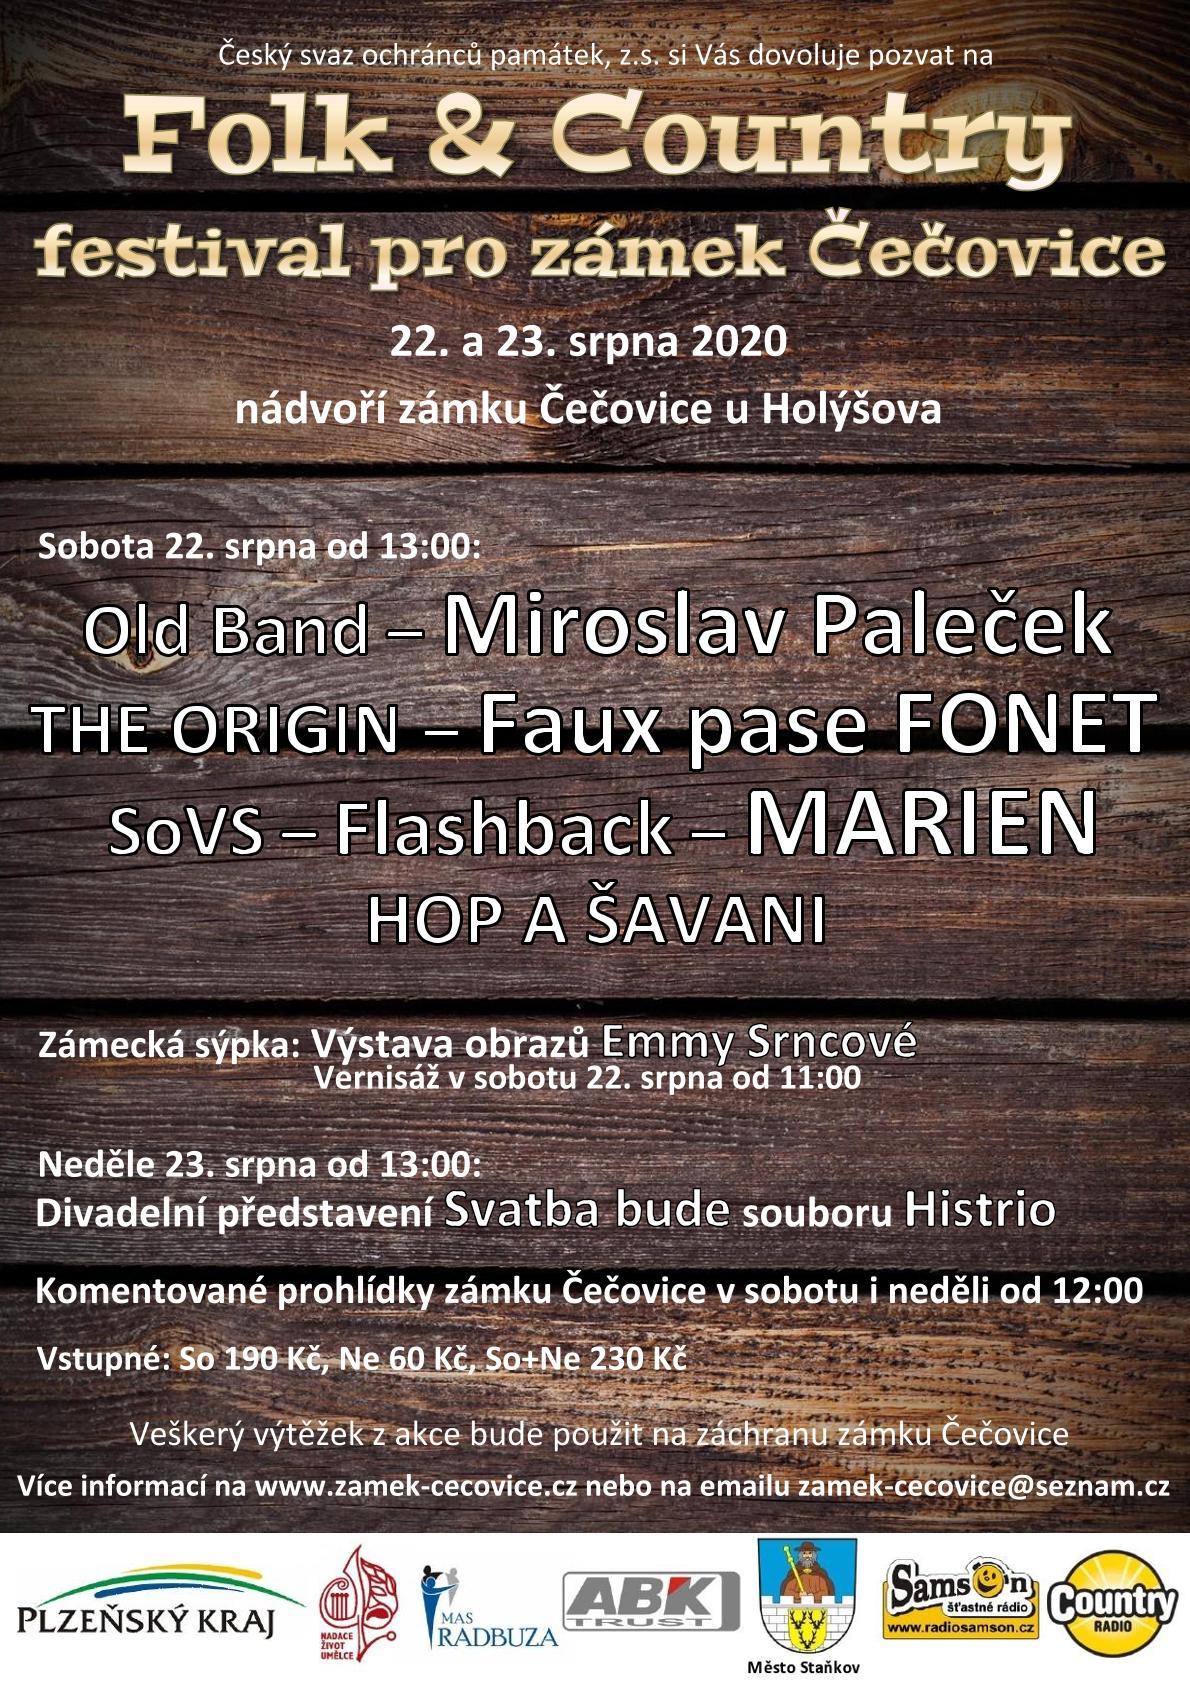 Folk-country festival pro zámek Čečovice 2020, folk festival, country festival, zámek, festival na zámku